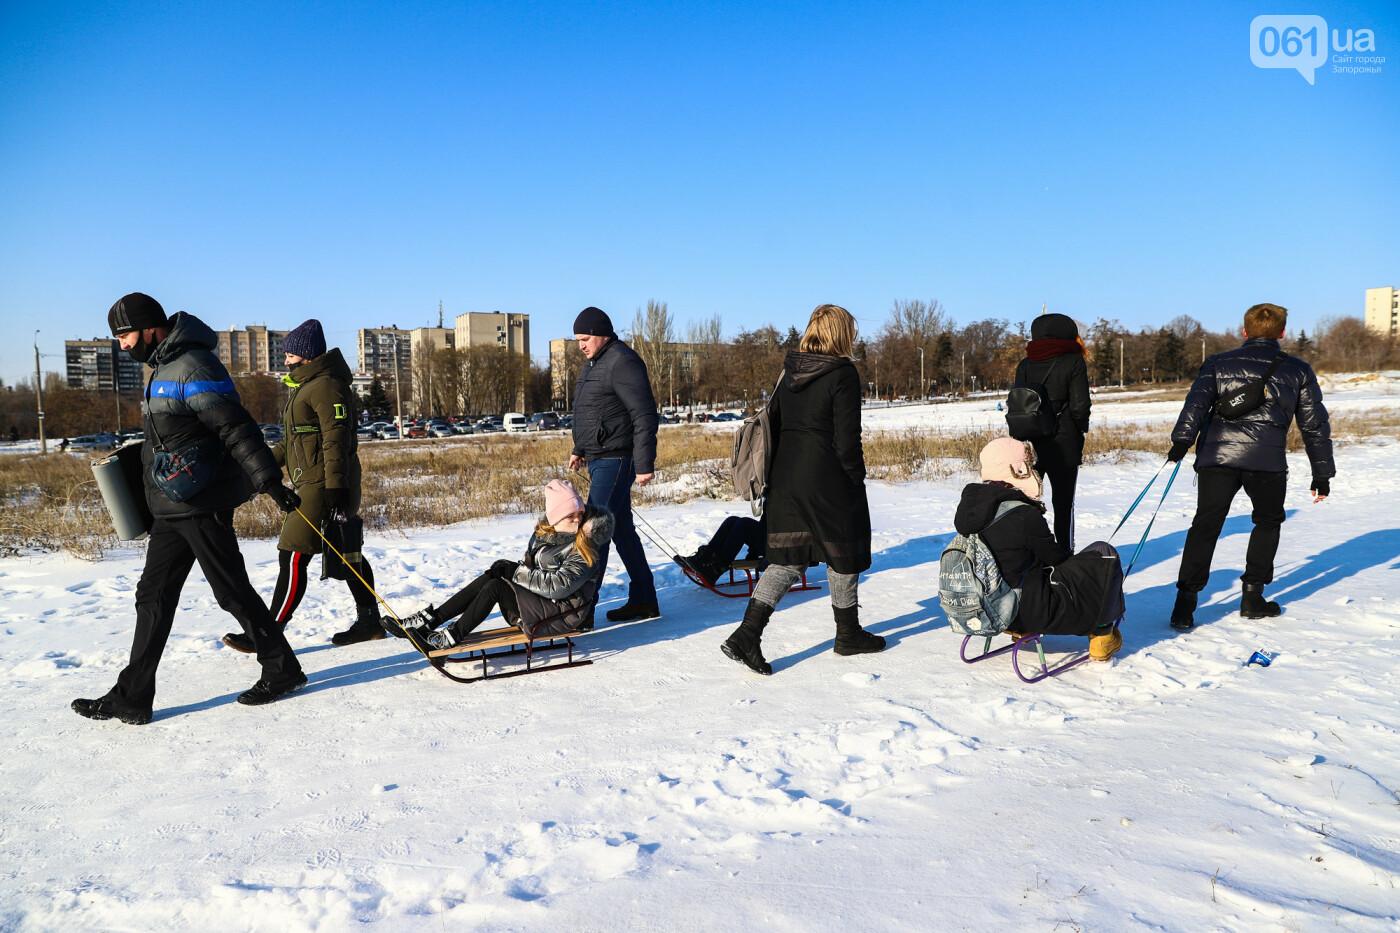 На санках, лыжах и сноуборде: запорожцы устроили массовое катание с горок в Вознесеновском парке, - ФОТОРЕПОРТАЖ, фото-3